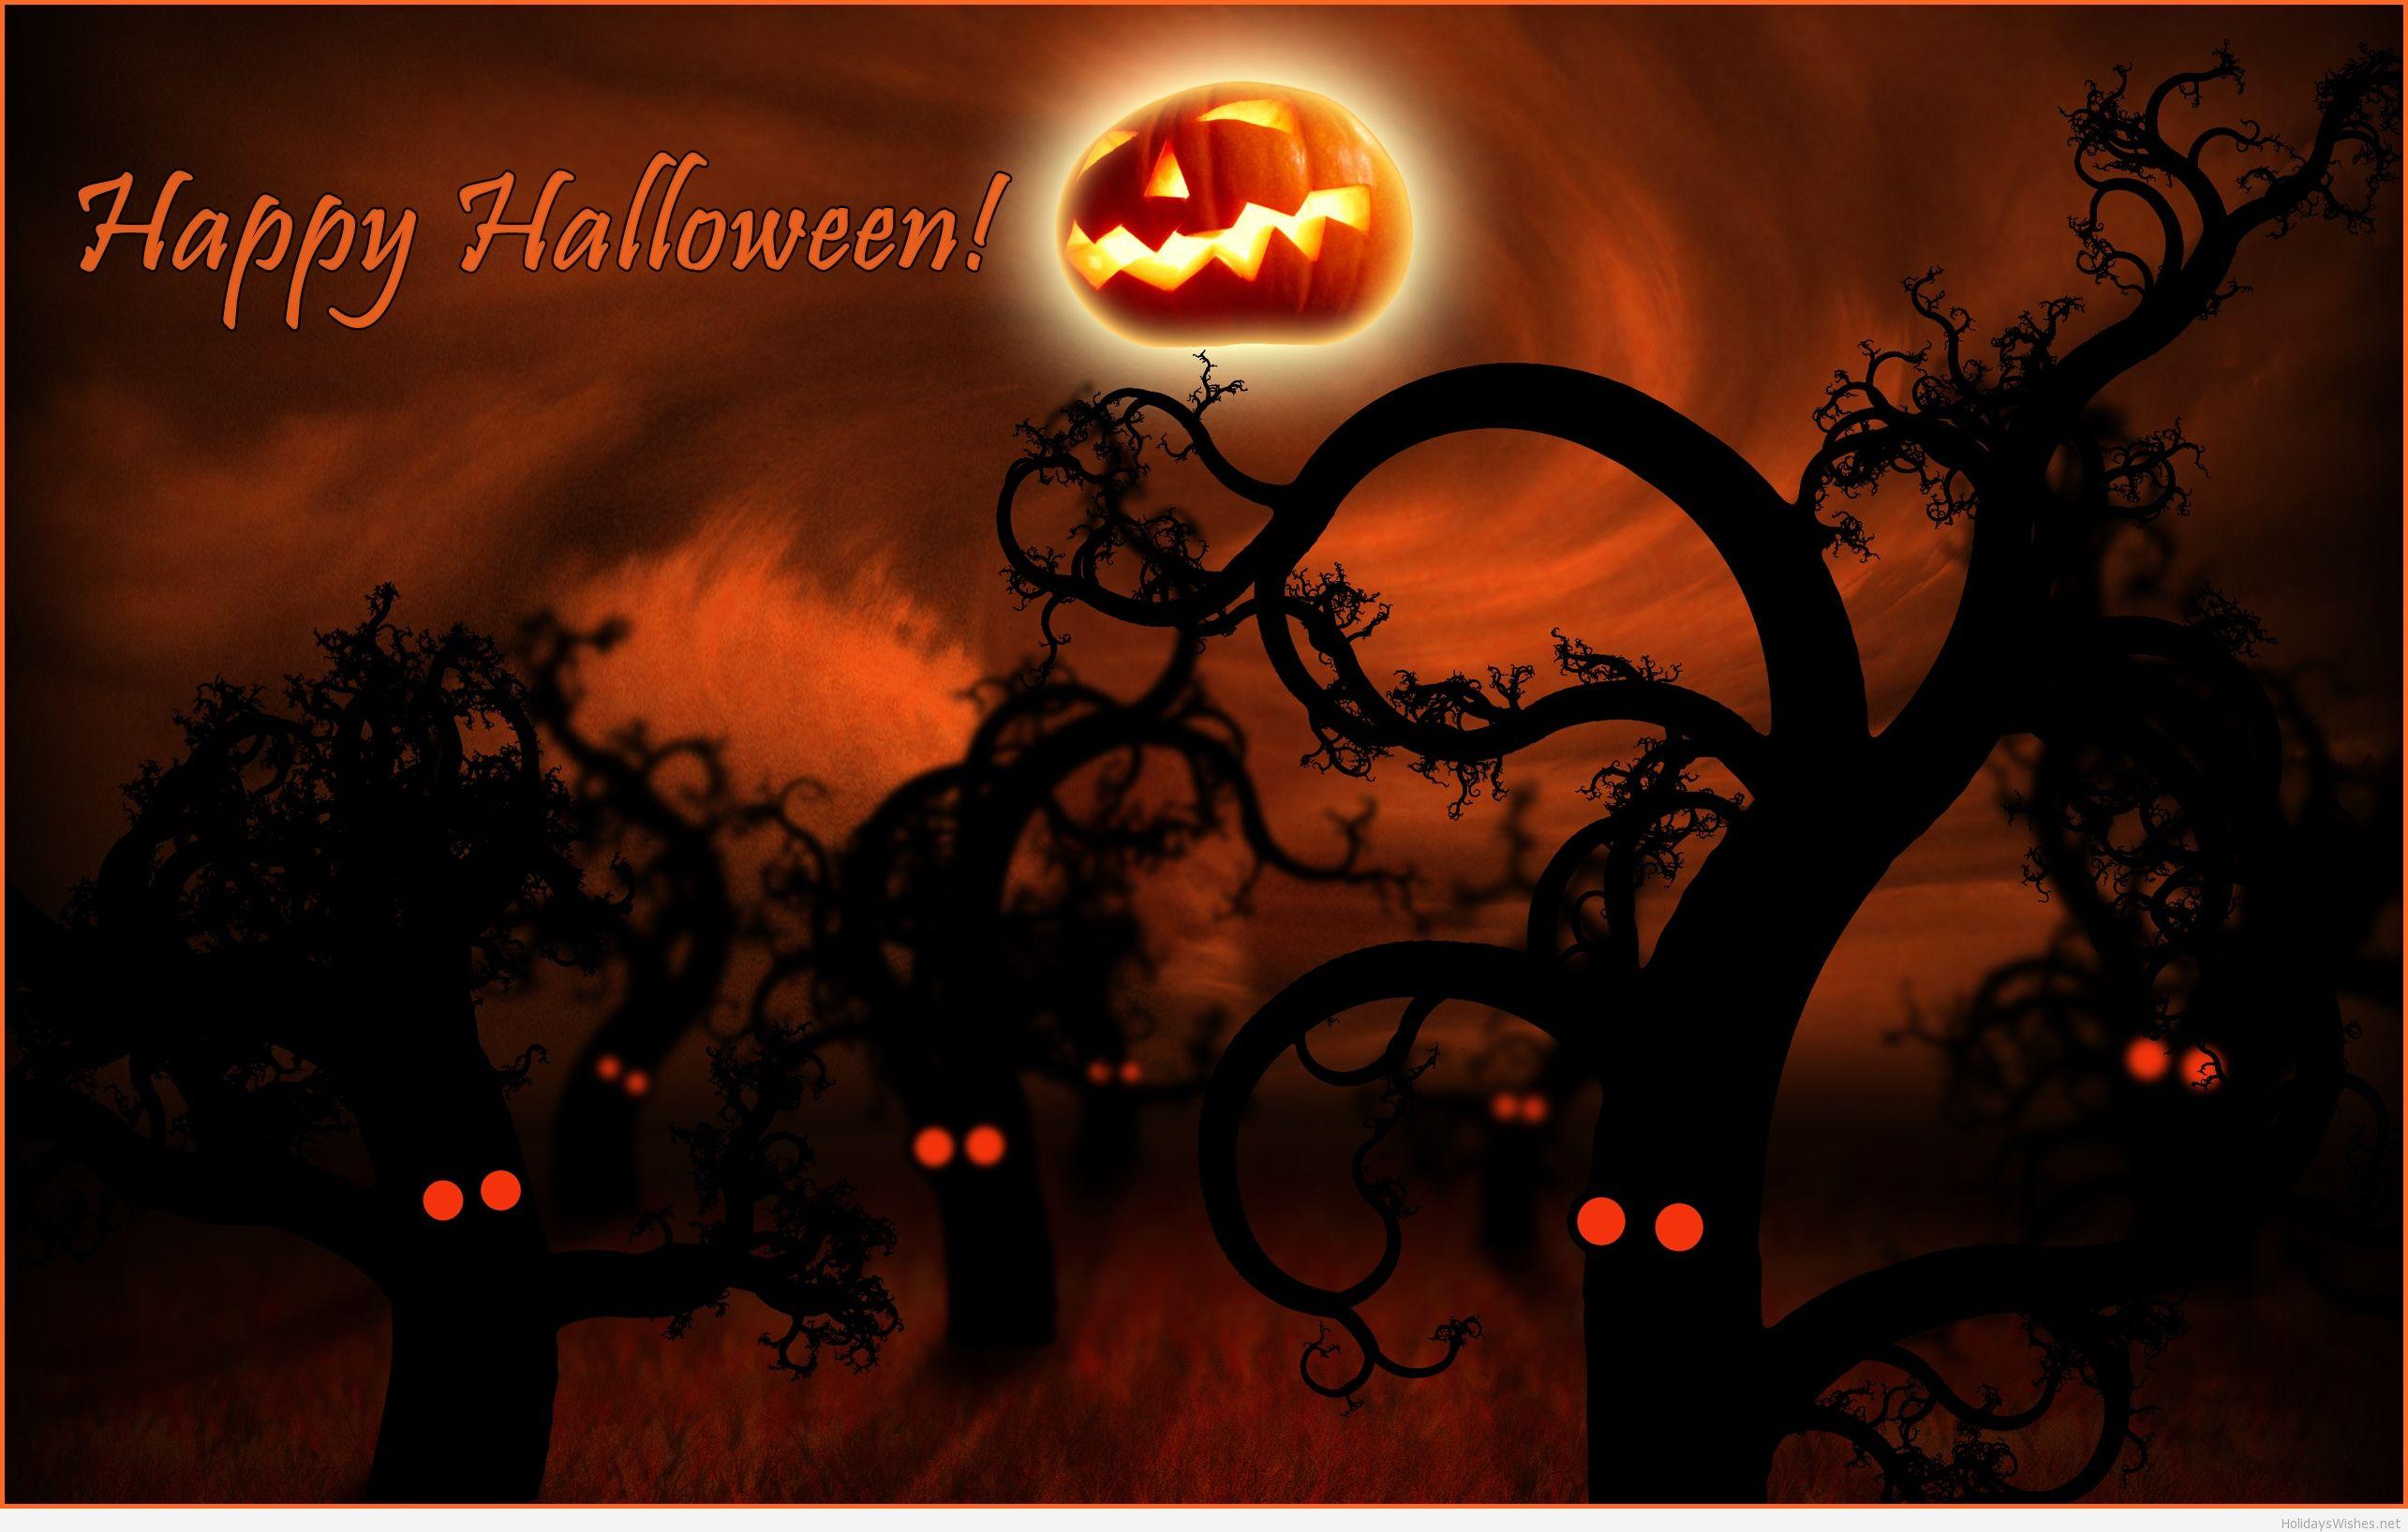 Happy-Halloween-wallpaper-for-desktop